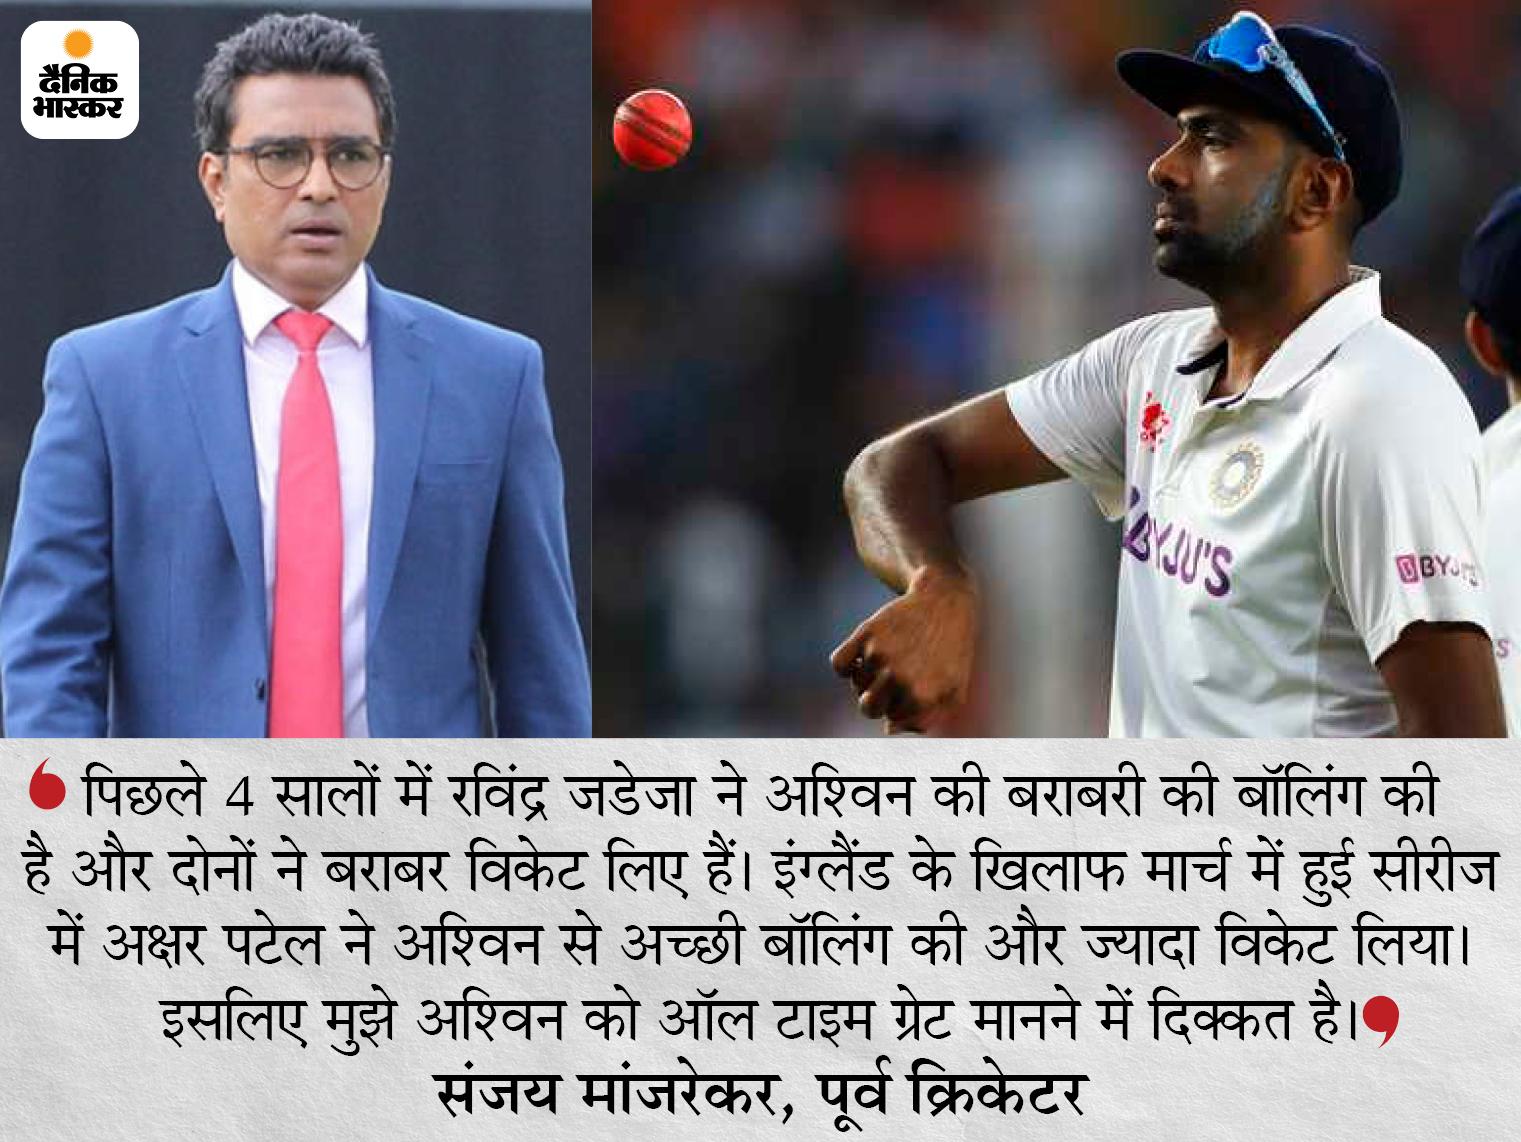 पूर्व क्रिकेटर ने कहा- मेरी नजर में महान स्पिनर नहीं हैं रविचंद्रन अश्विन, SENA देशों में अब भी उन्हें खुद को प्रूव करना है|क्रिकेट,Cricket - Dainik Bhaskar